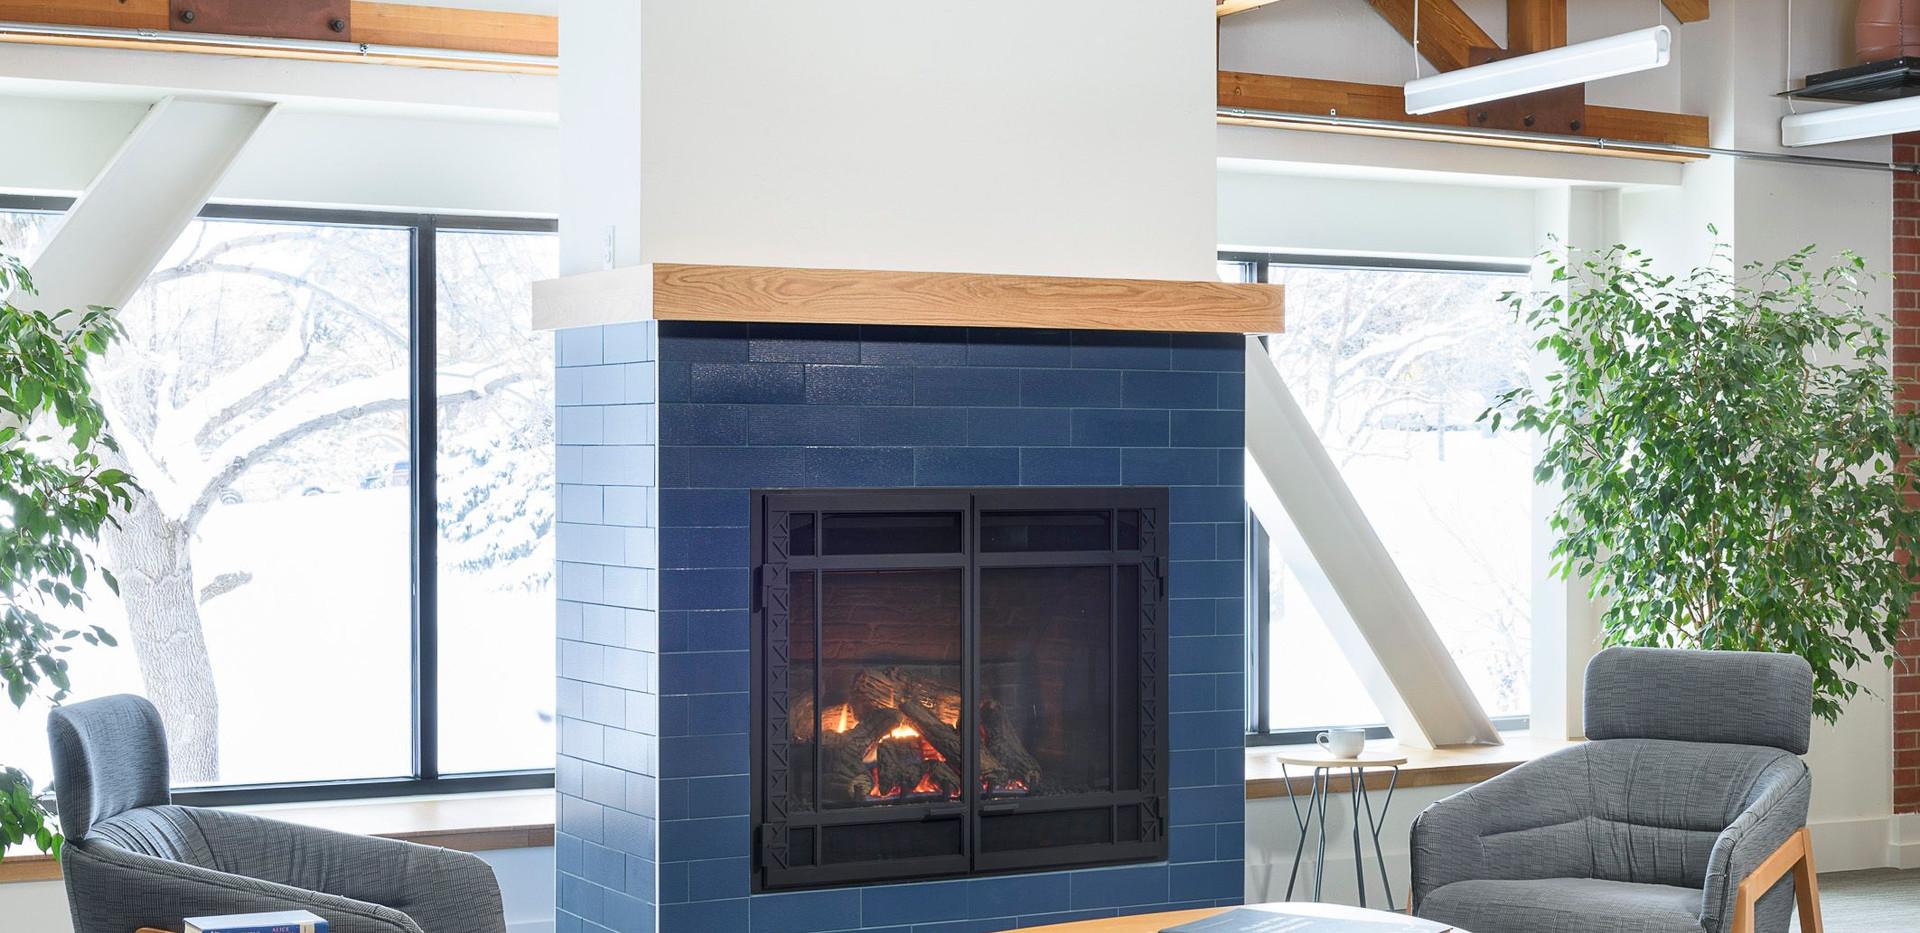 Library-Upstairs-Fireplace.jpeg